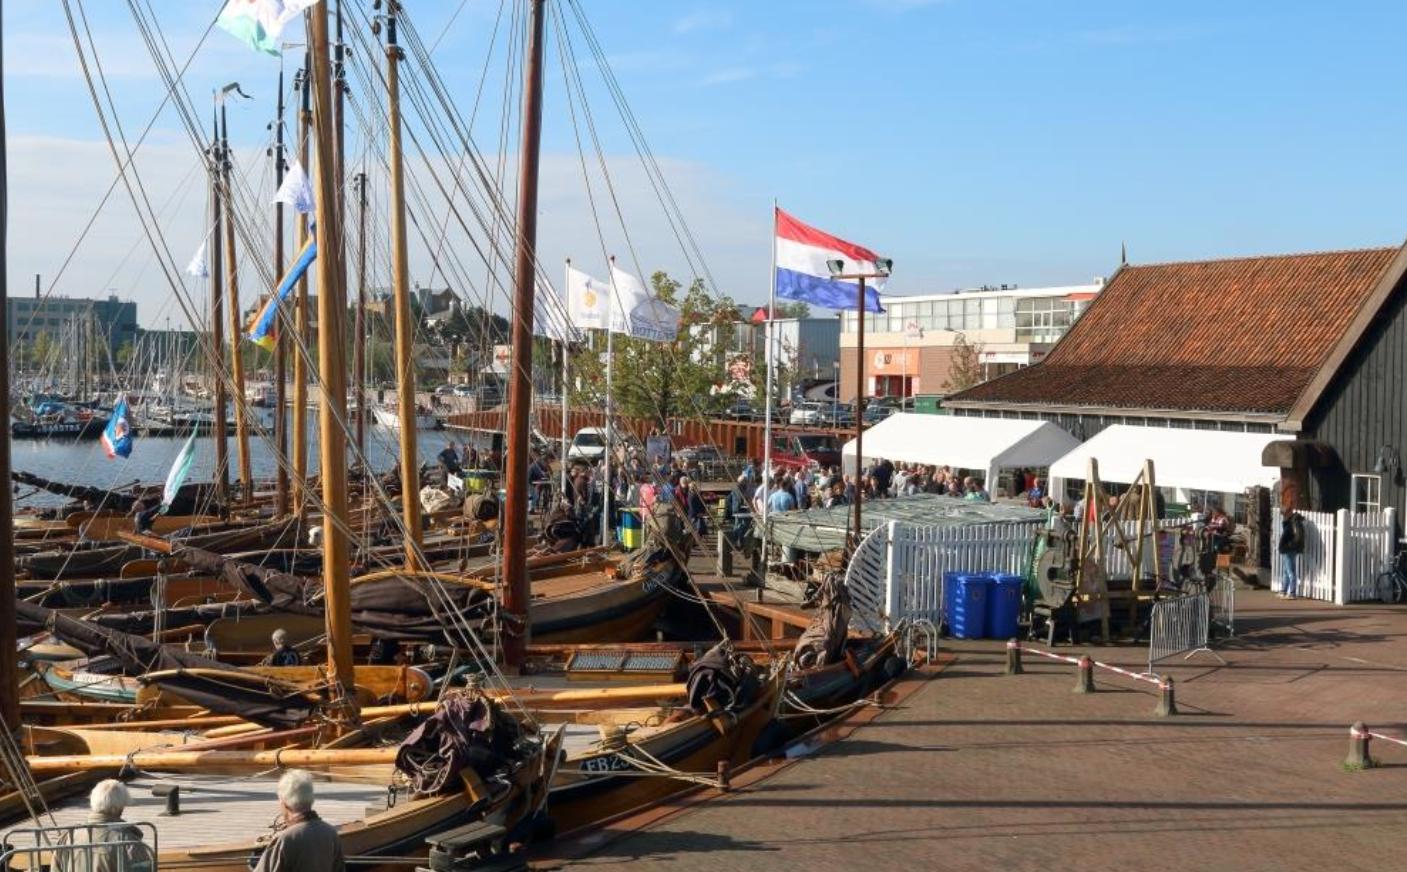 De organisatoren verwachte 20 botters op de havendag